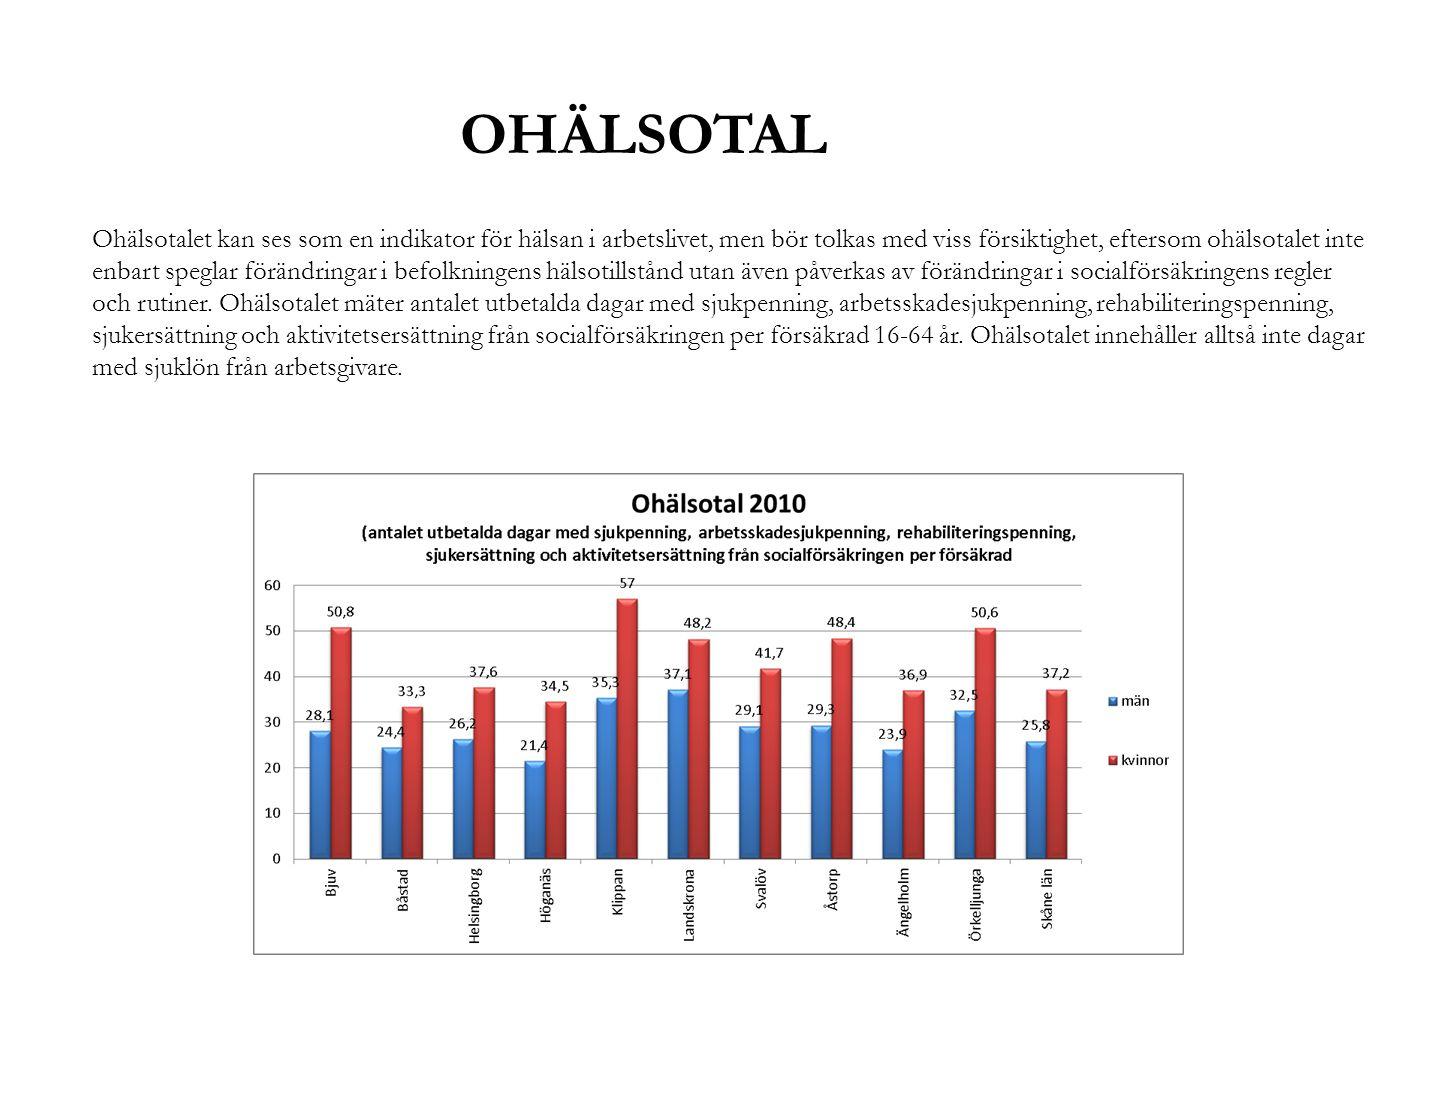 OHÄLSOTAL Ohälsotalet kan ses som en indikator för hälsan i arbetslivet, men bör tolkas med viss försiktighet, eftersom ohälsotalet inte enbart spegla